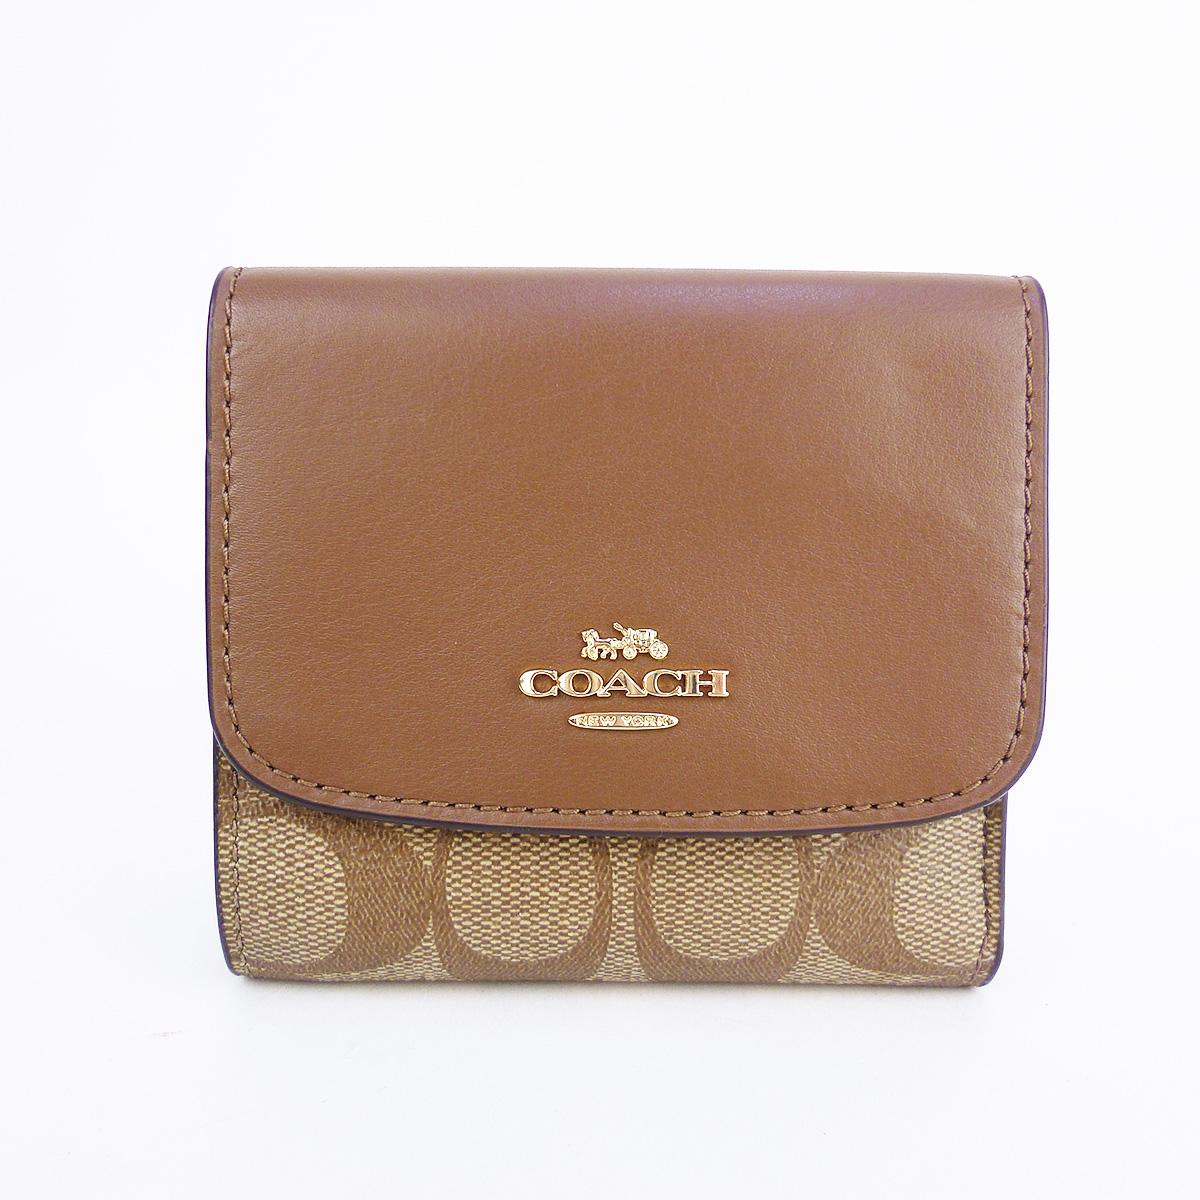 COACH F87589 シグネチャー コンパクト 2つ折り財布  IME74 【新品】